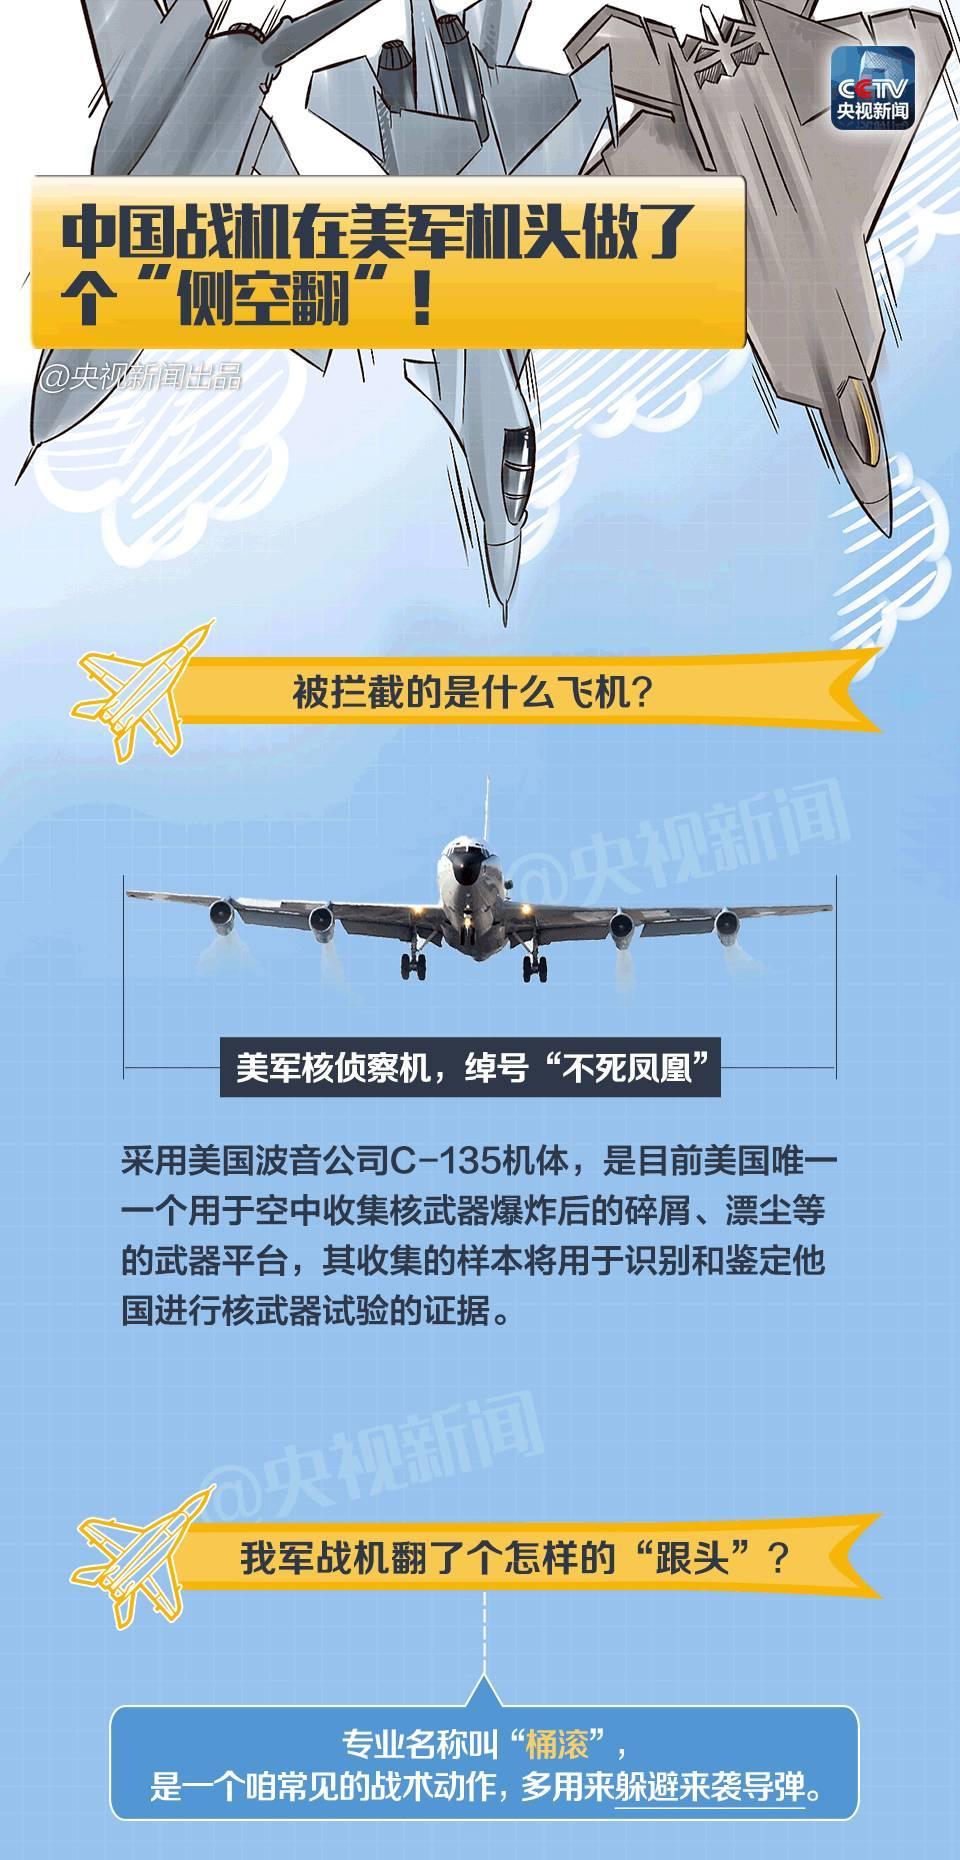 中国战机在美机头上侧空翻 就该这姿势!(图)